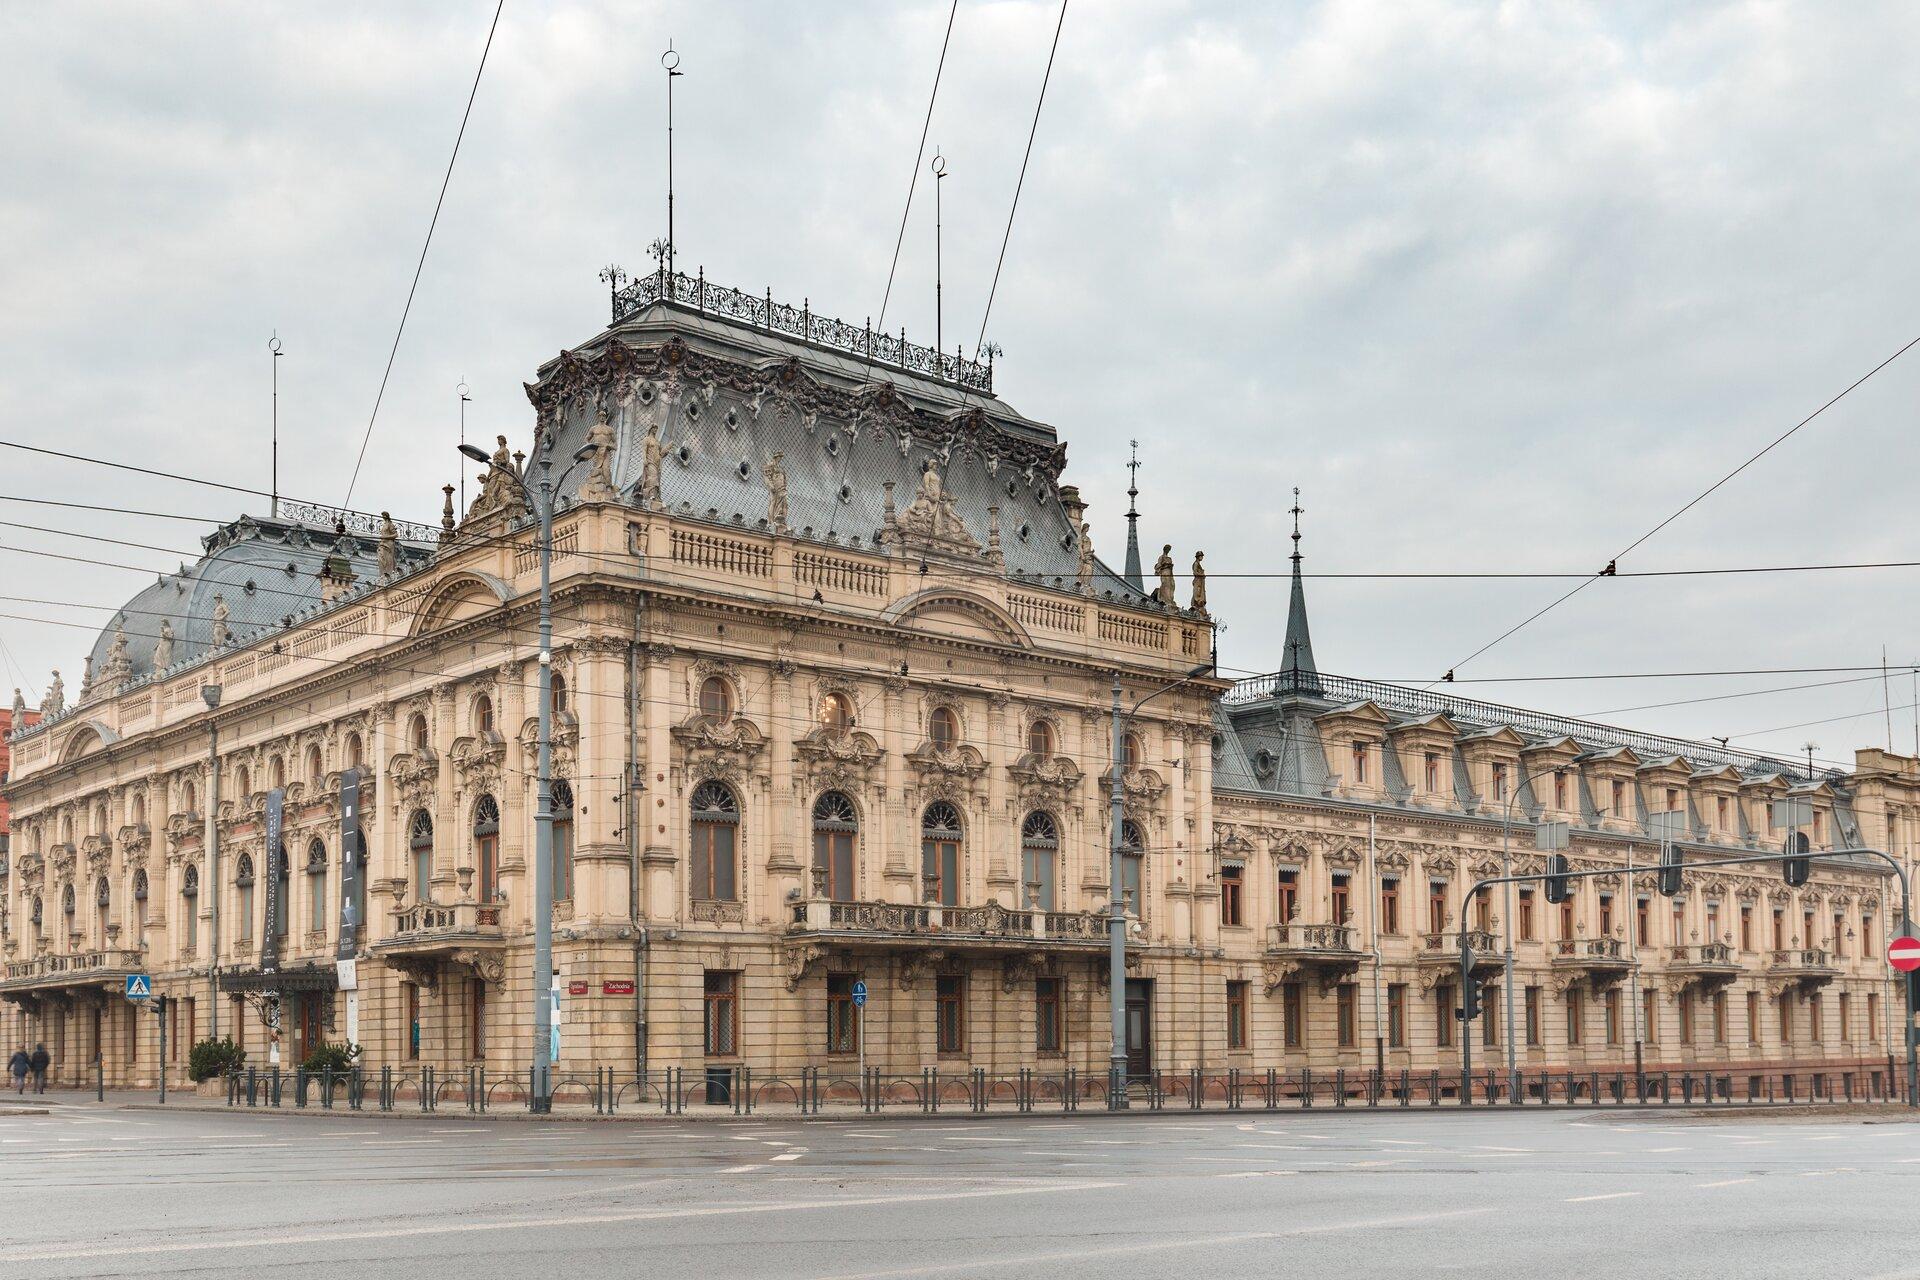 Ilustracja przedstawia pałac Izraela Poznańskiego wŁodzi. Budynek ten ma beżową elewację, oraz zielony dach, nad którym biegną linie telefoniczne.